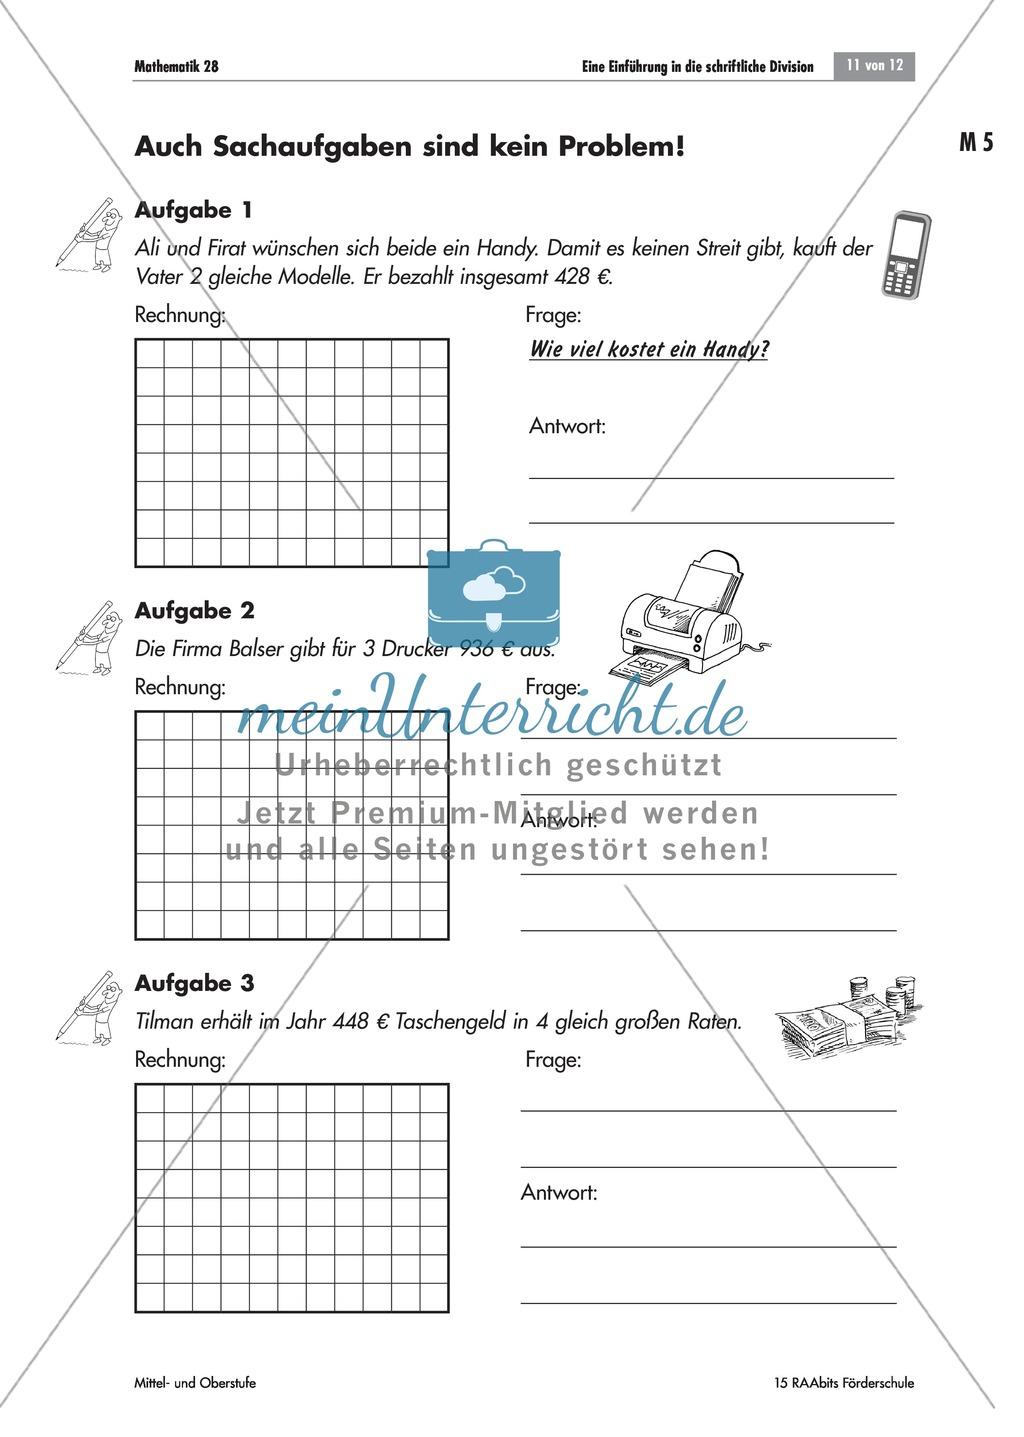 Schriftliche Division in Sachaufgaben: mathematische Beziehungen in ...